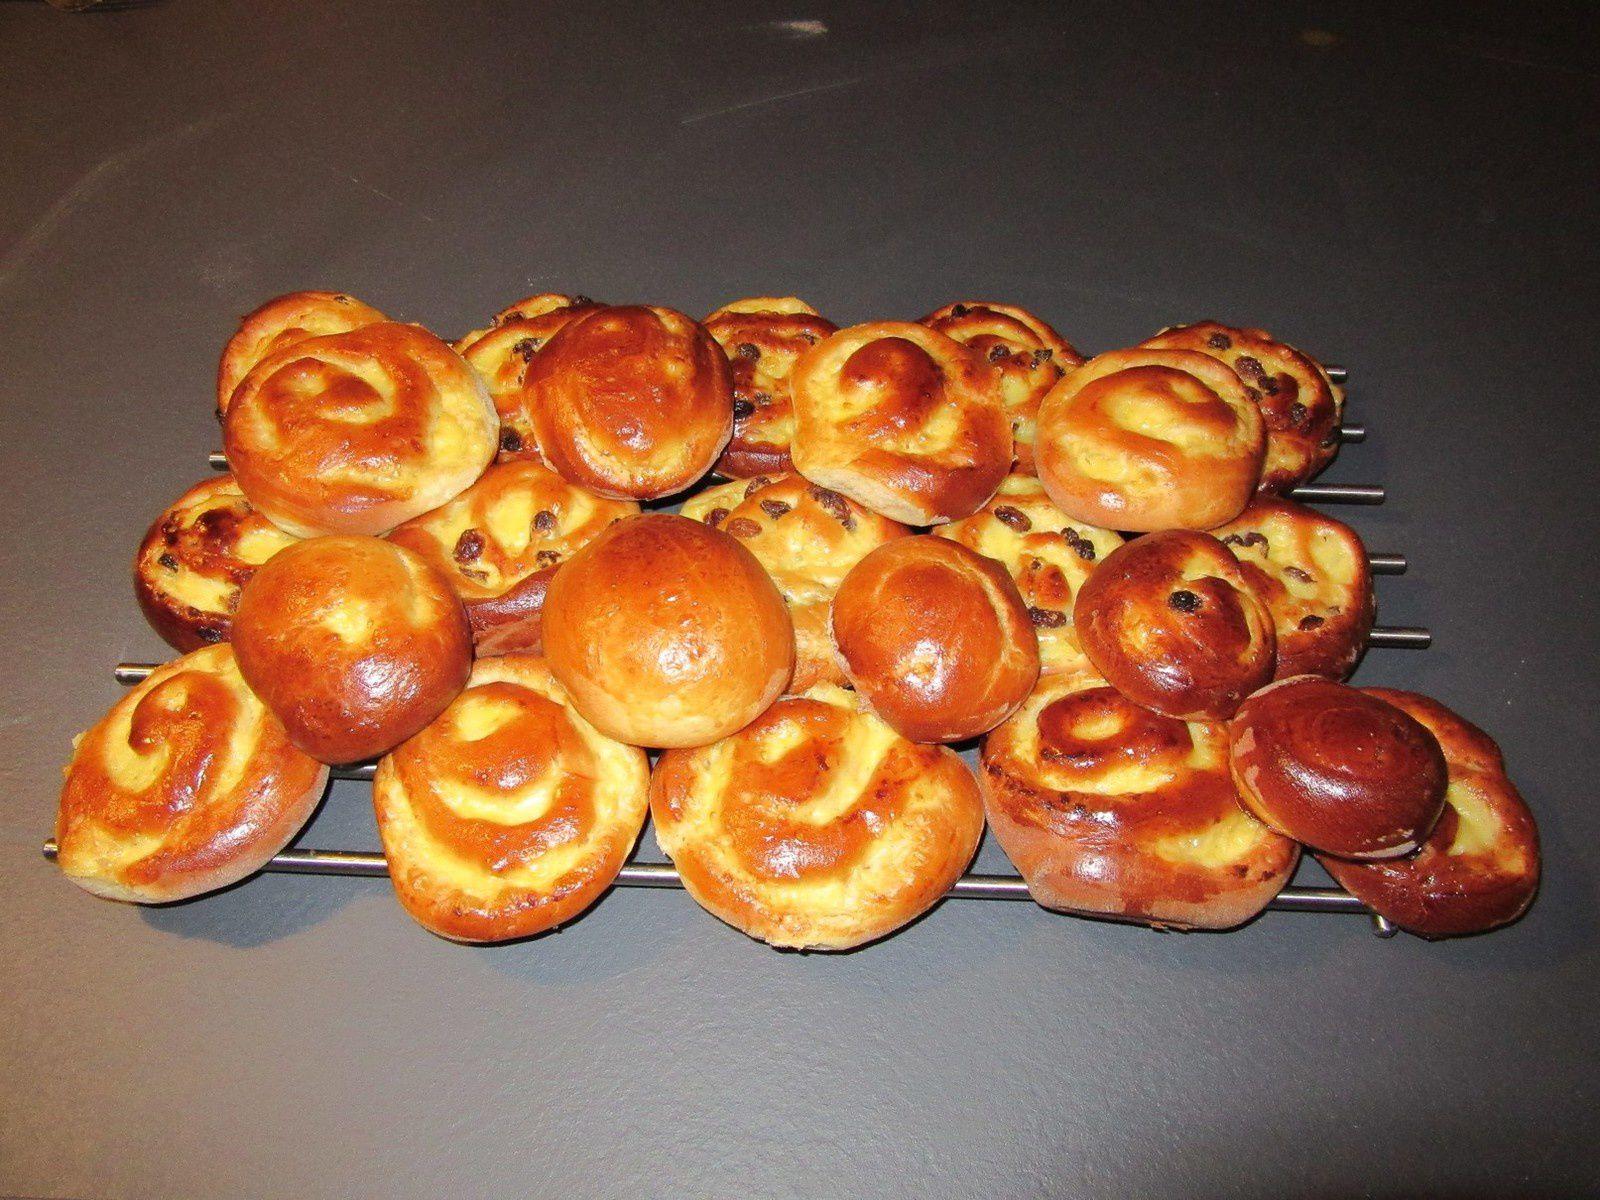 Pains aux raisins ... ou pains sans raisins... les deux sont excellents ...!!!